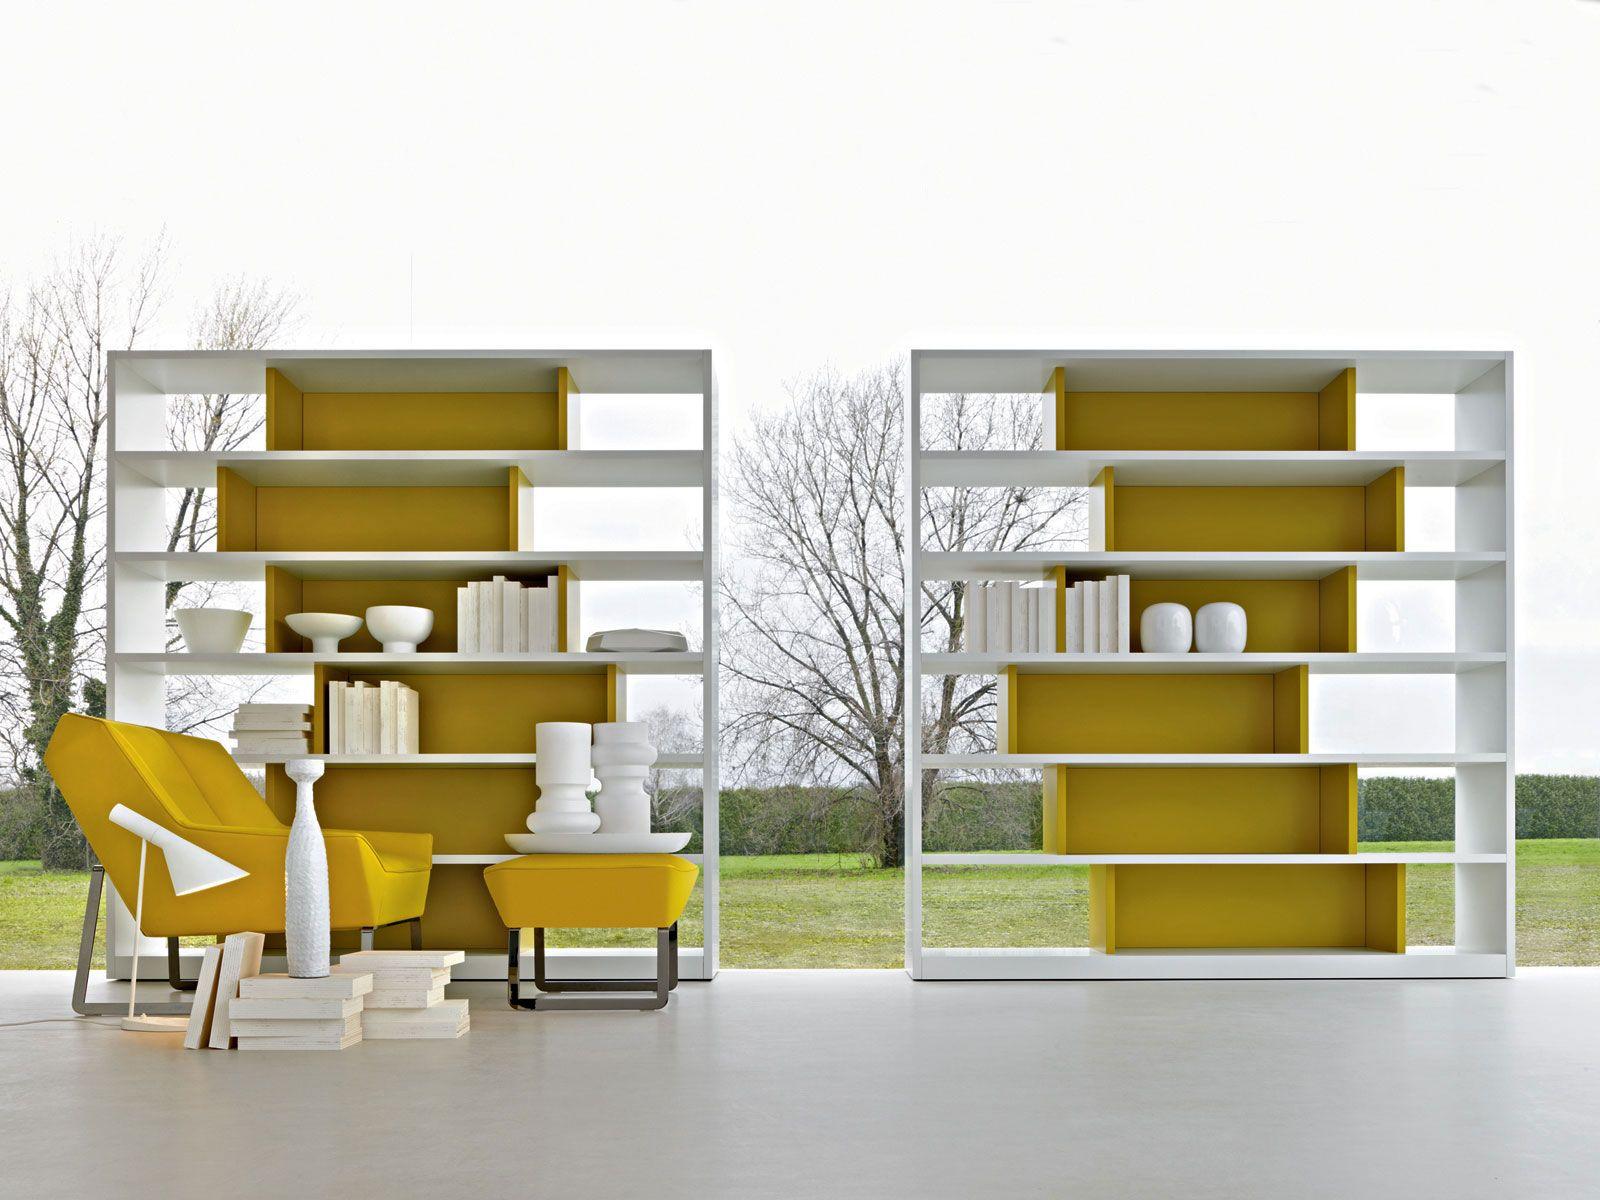 505 2011 ed libreria a giorno by molteni c design for Libreria molteni